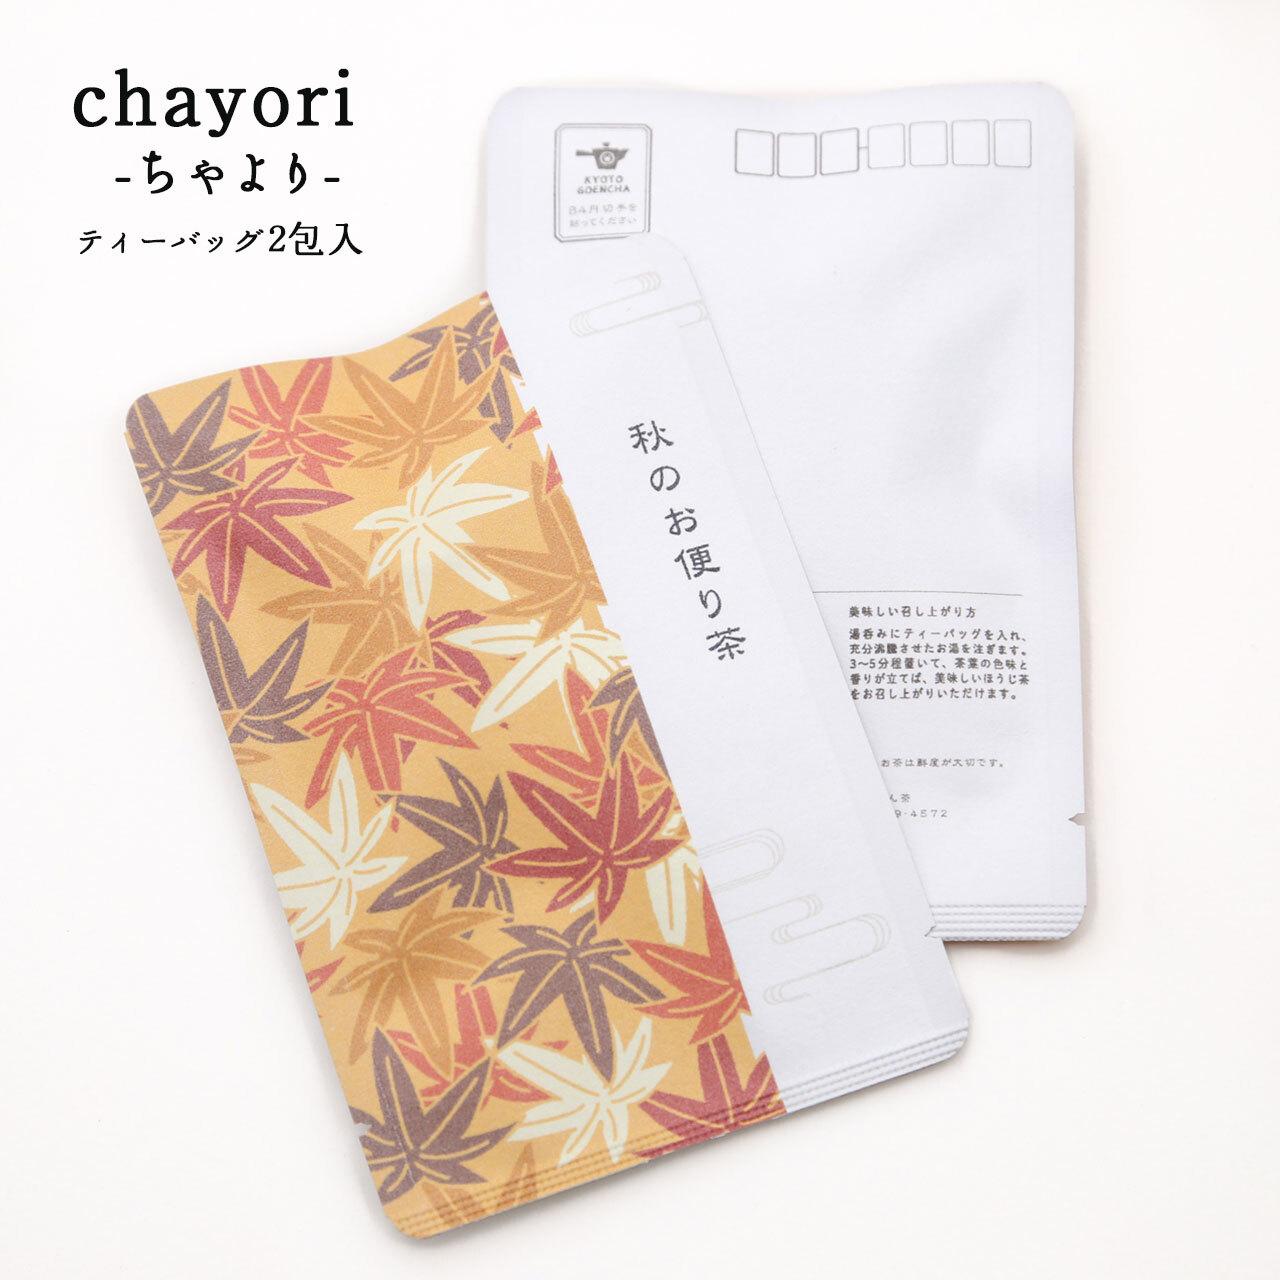 ハガキサイズのお茶です。表面は秋を彩る紅葉柄。